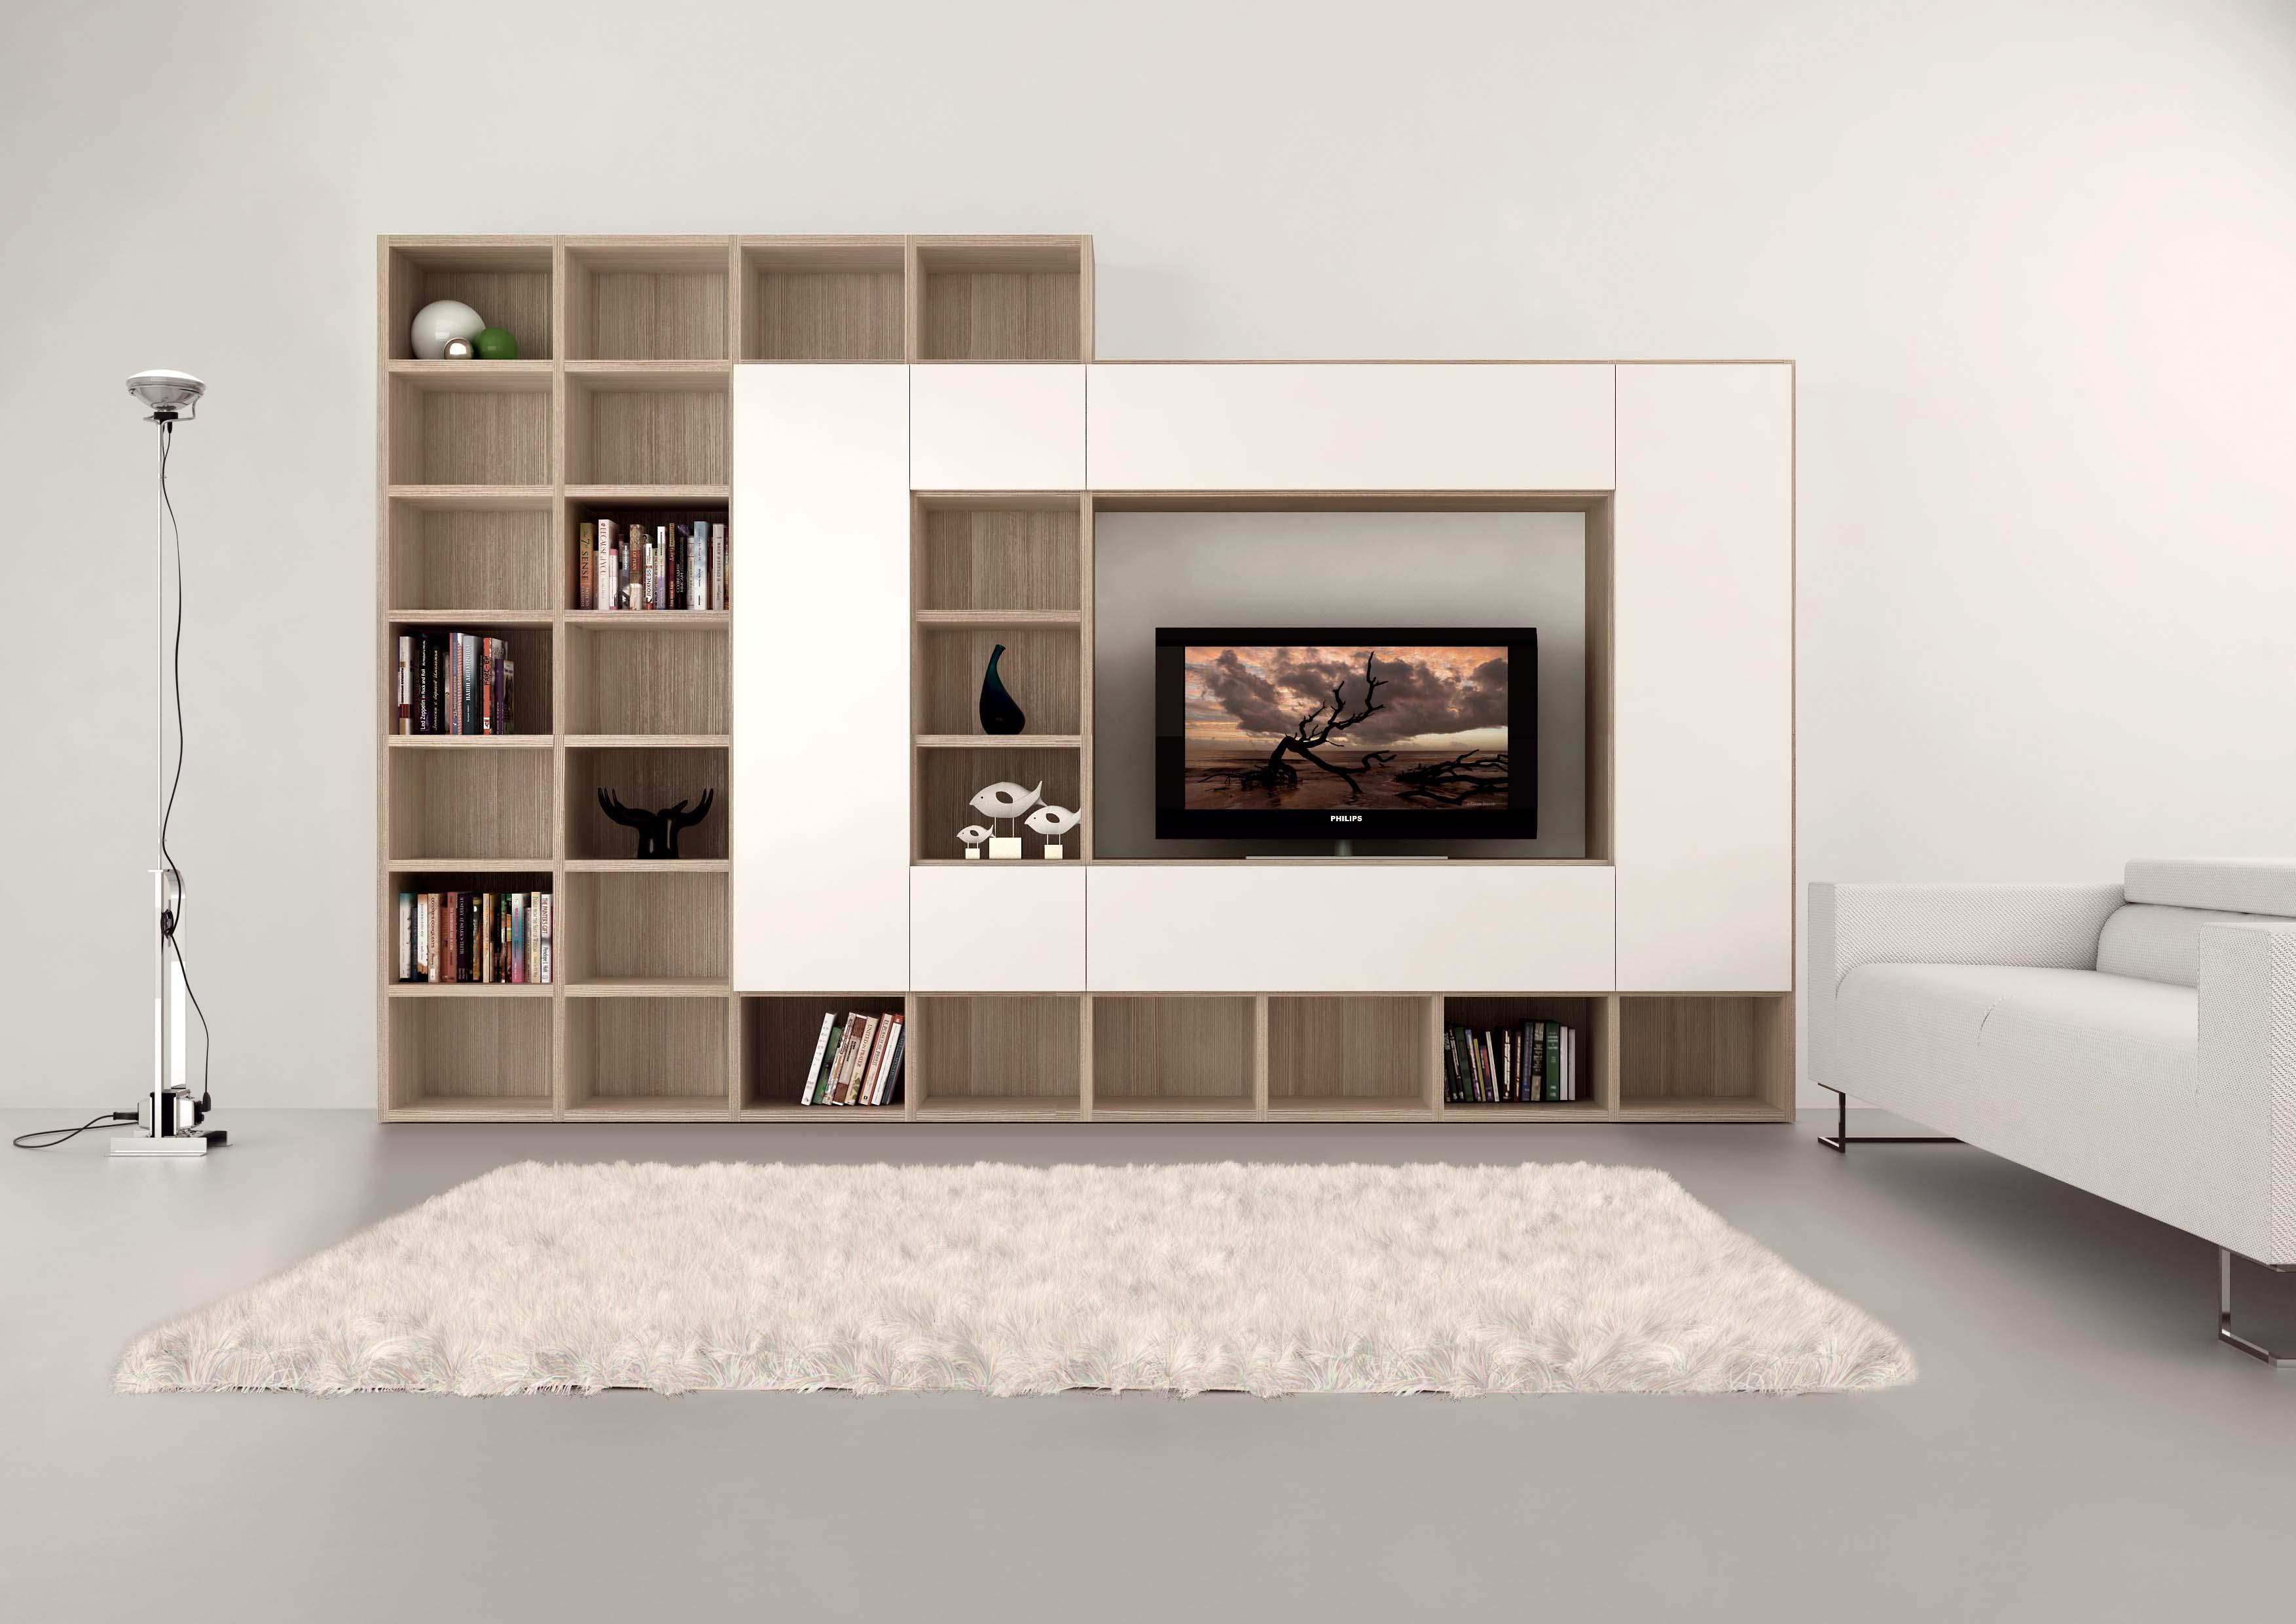 Witte Ikea Tv Kast.Ikea Kasten In Elkaar Laten Zetten Met Montageservice Tgwonen